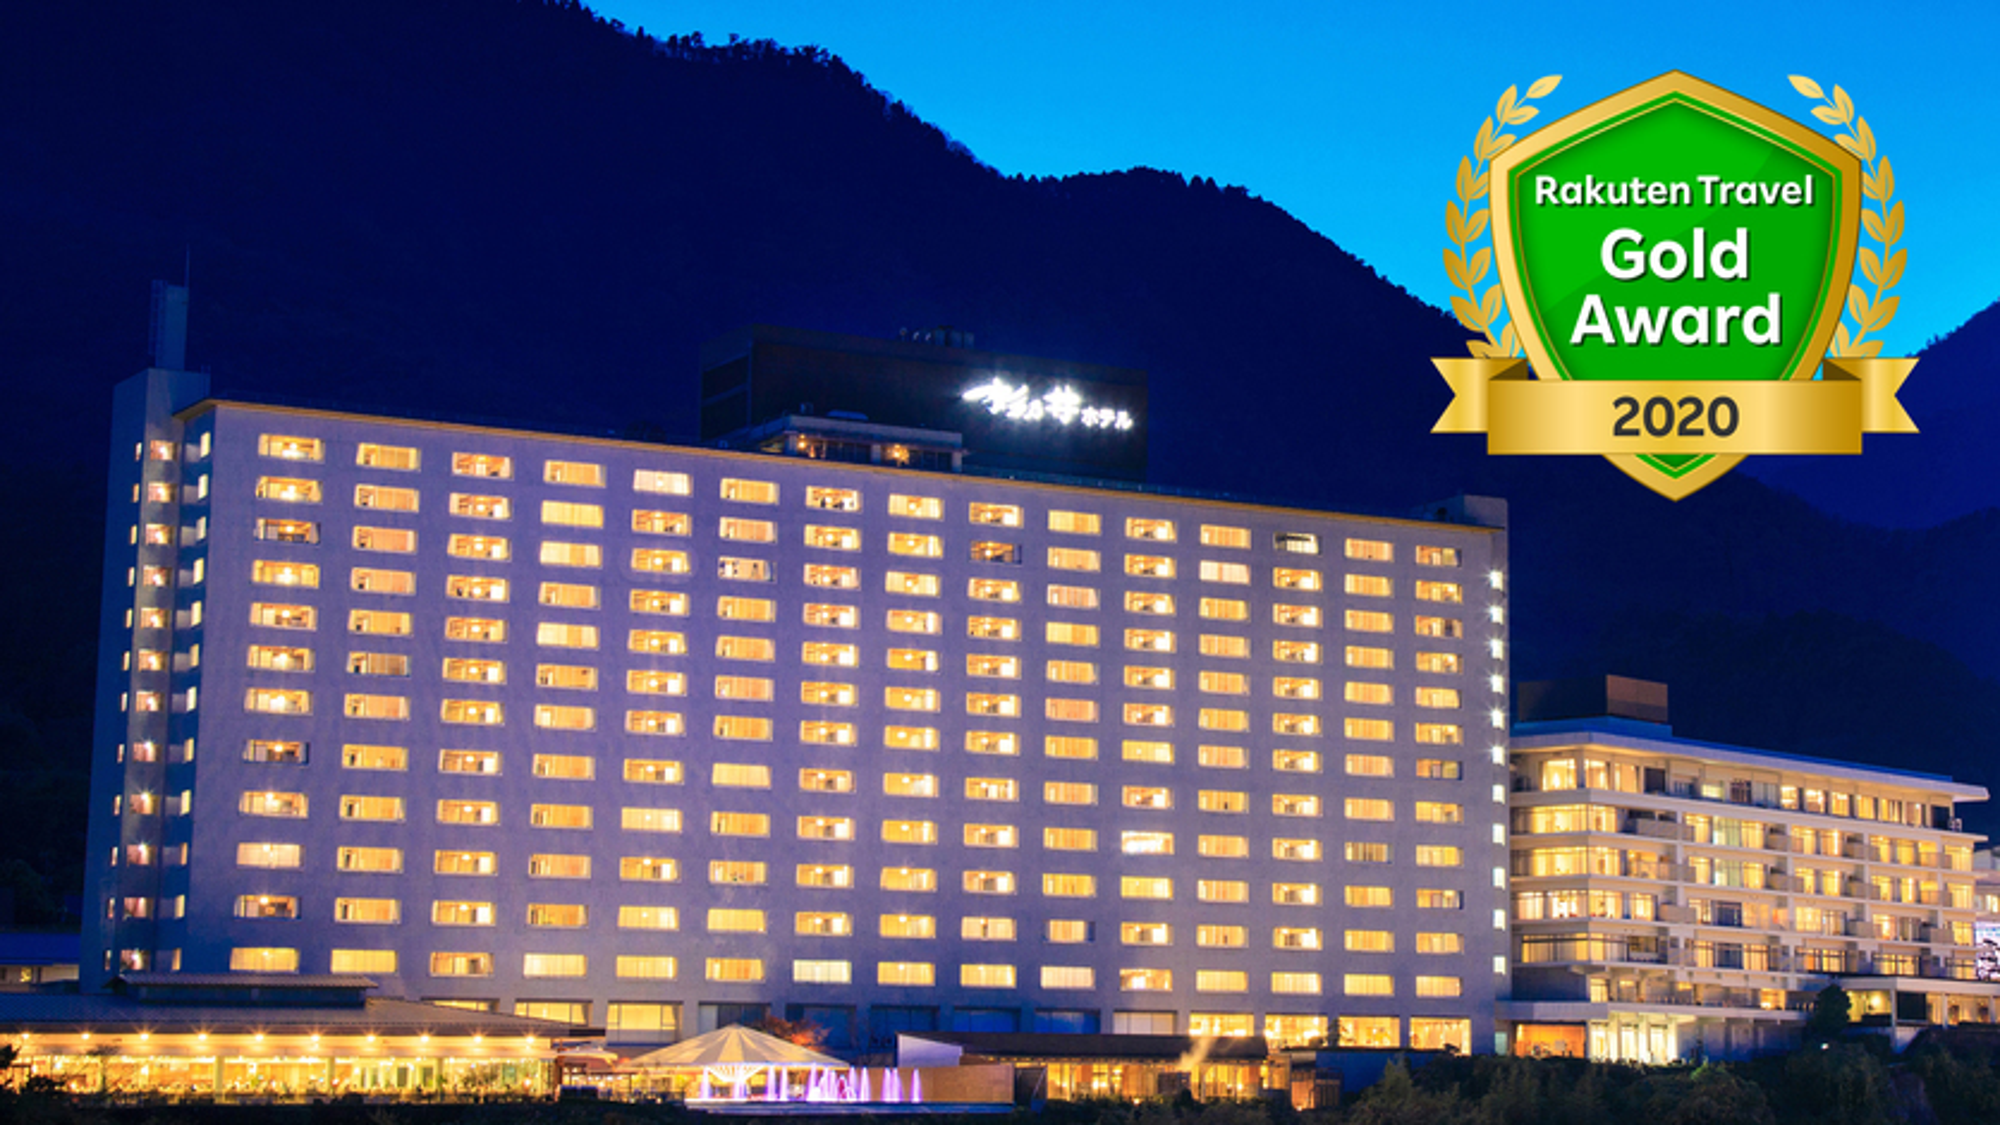 別府温泉・家族連れで楽しめる温泉旅館を教えて下さい。